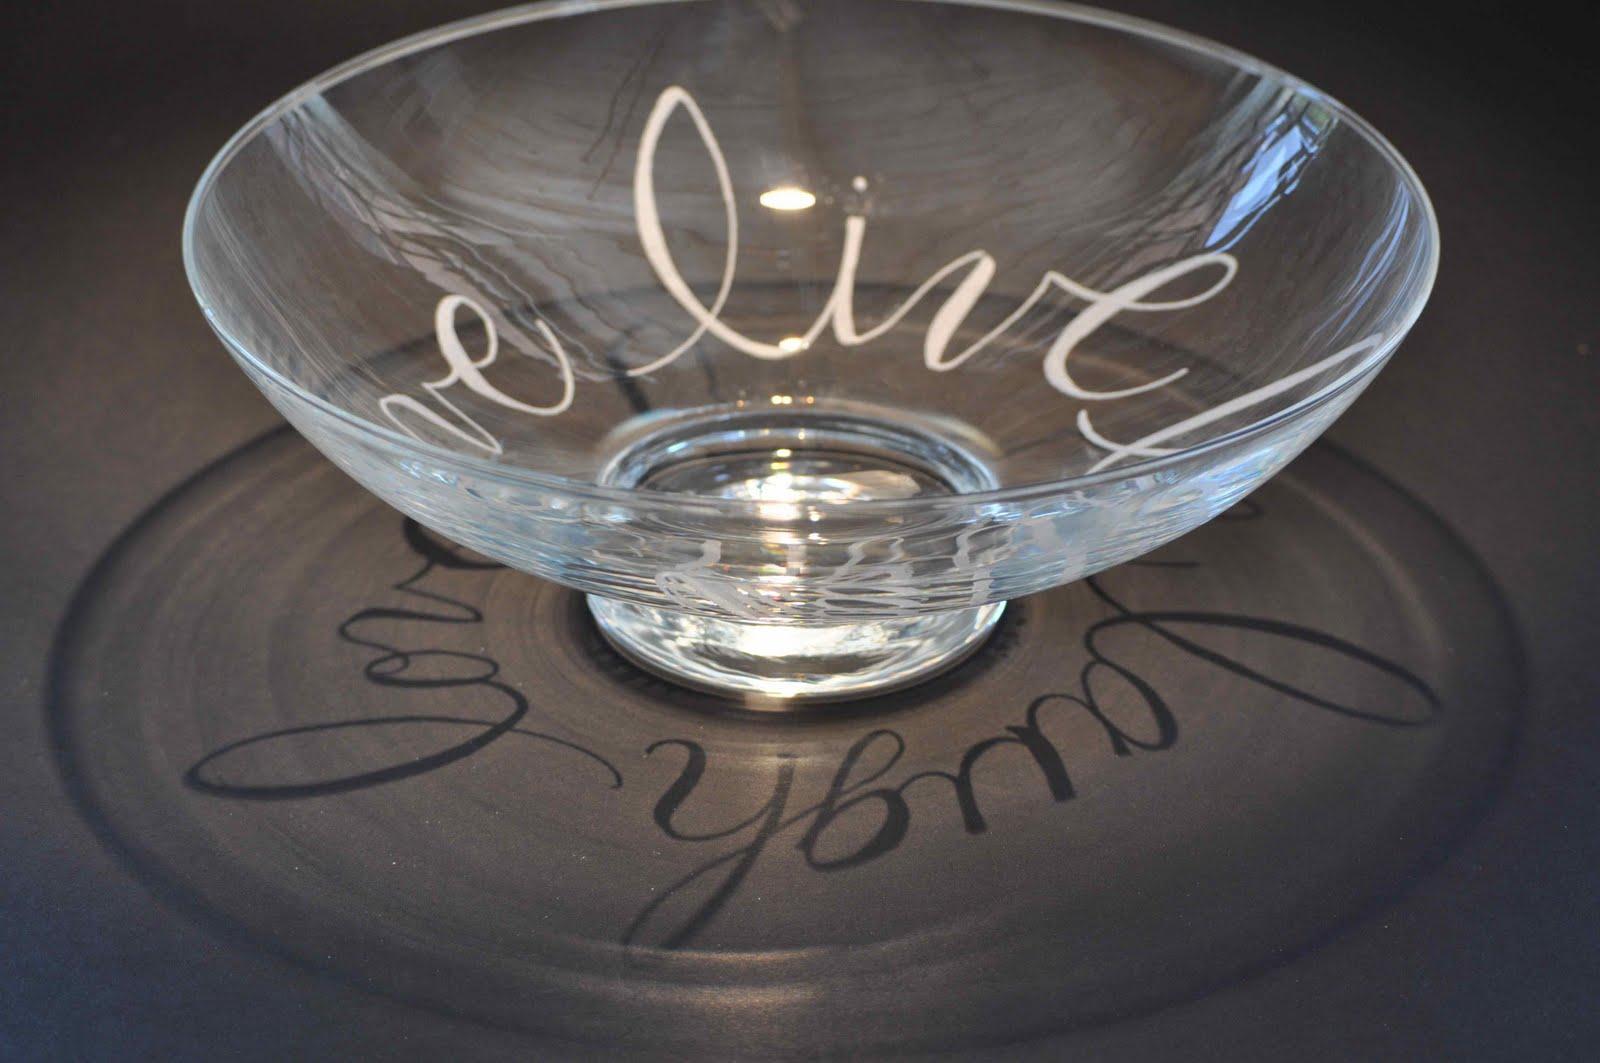 Marlis cornett calligraphy and glass